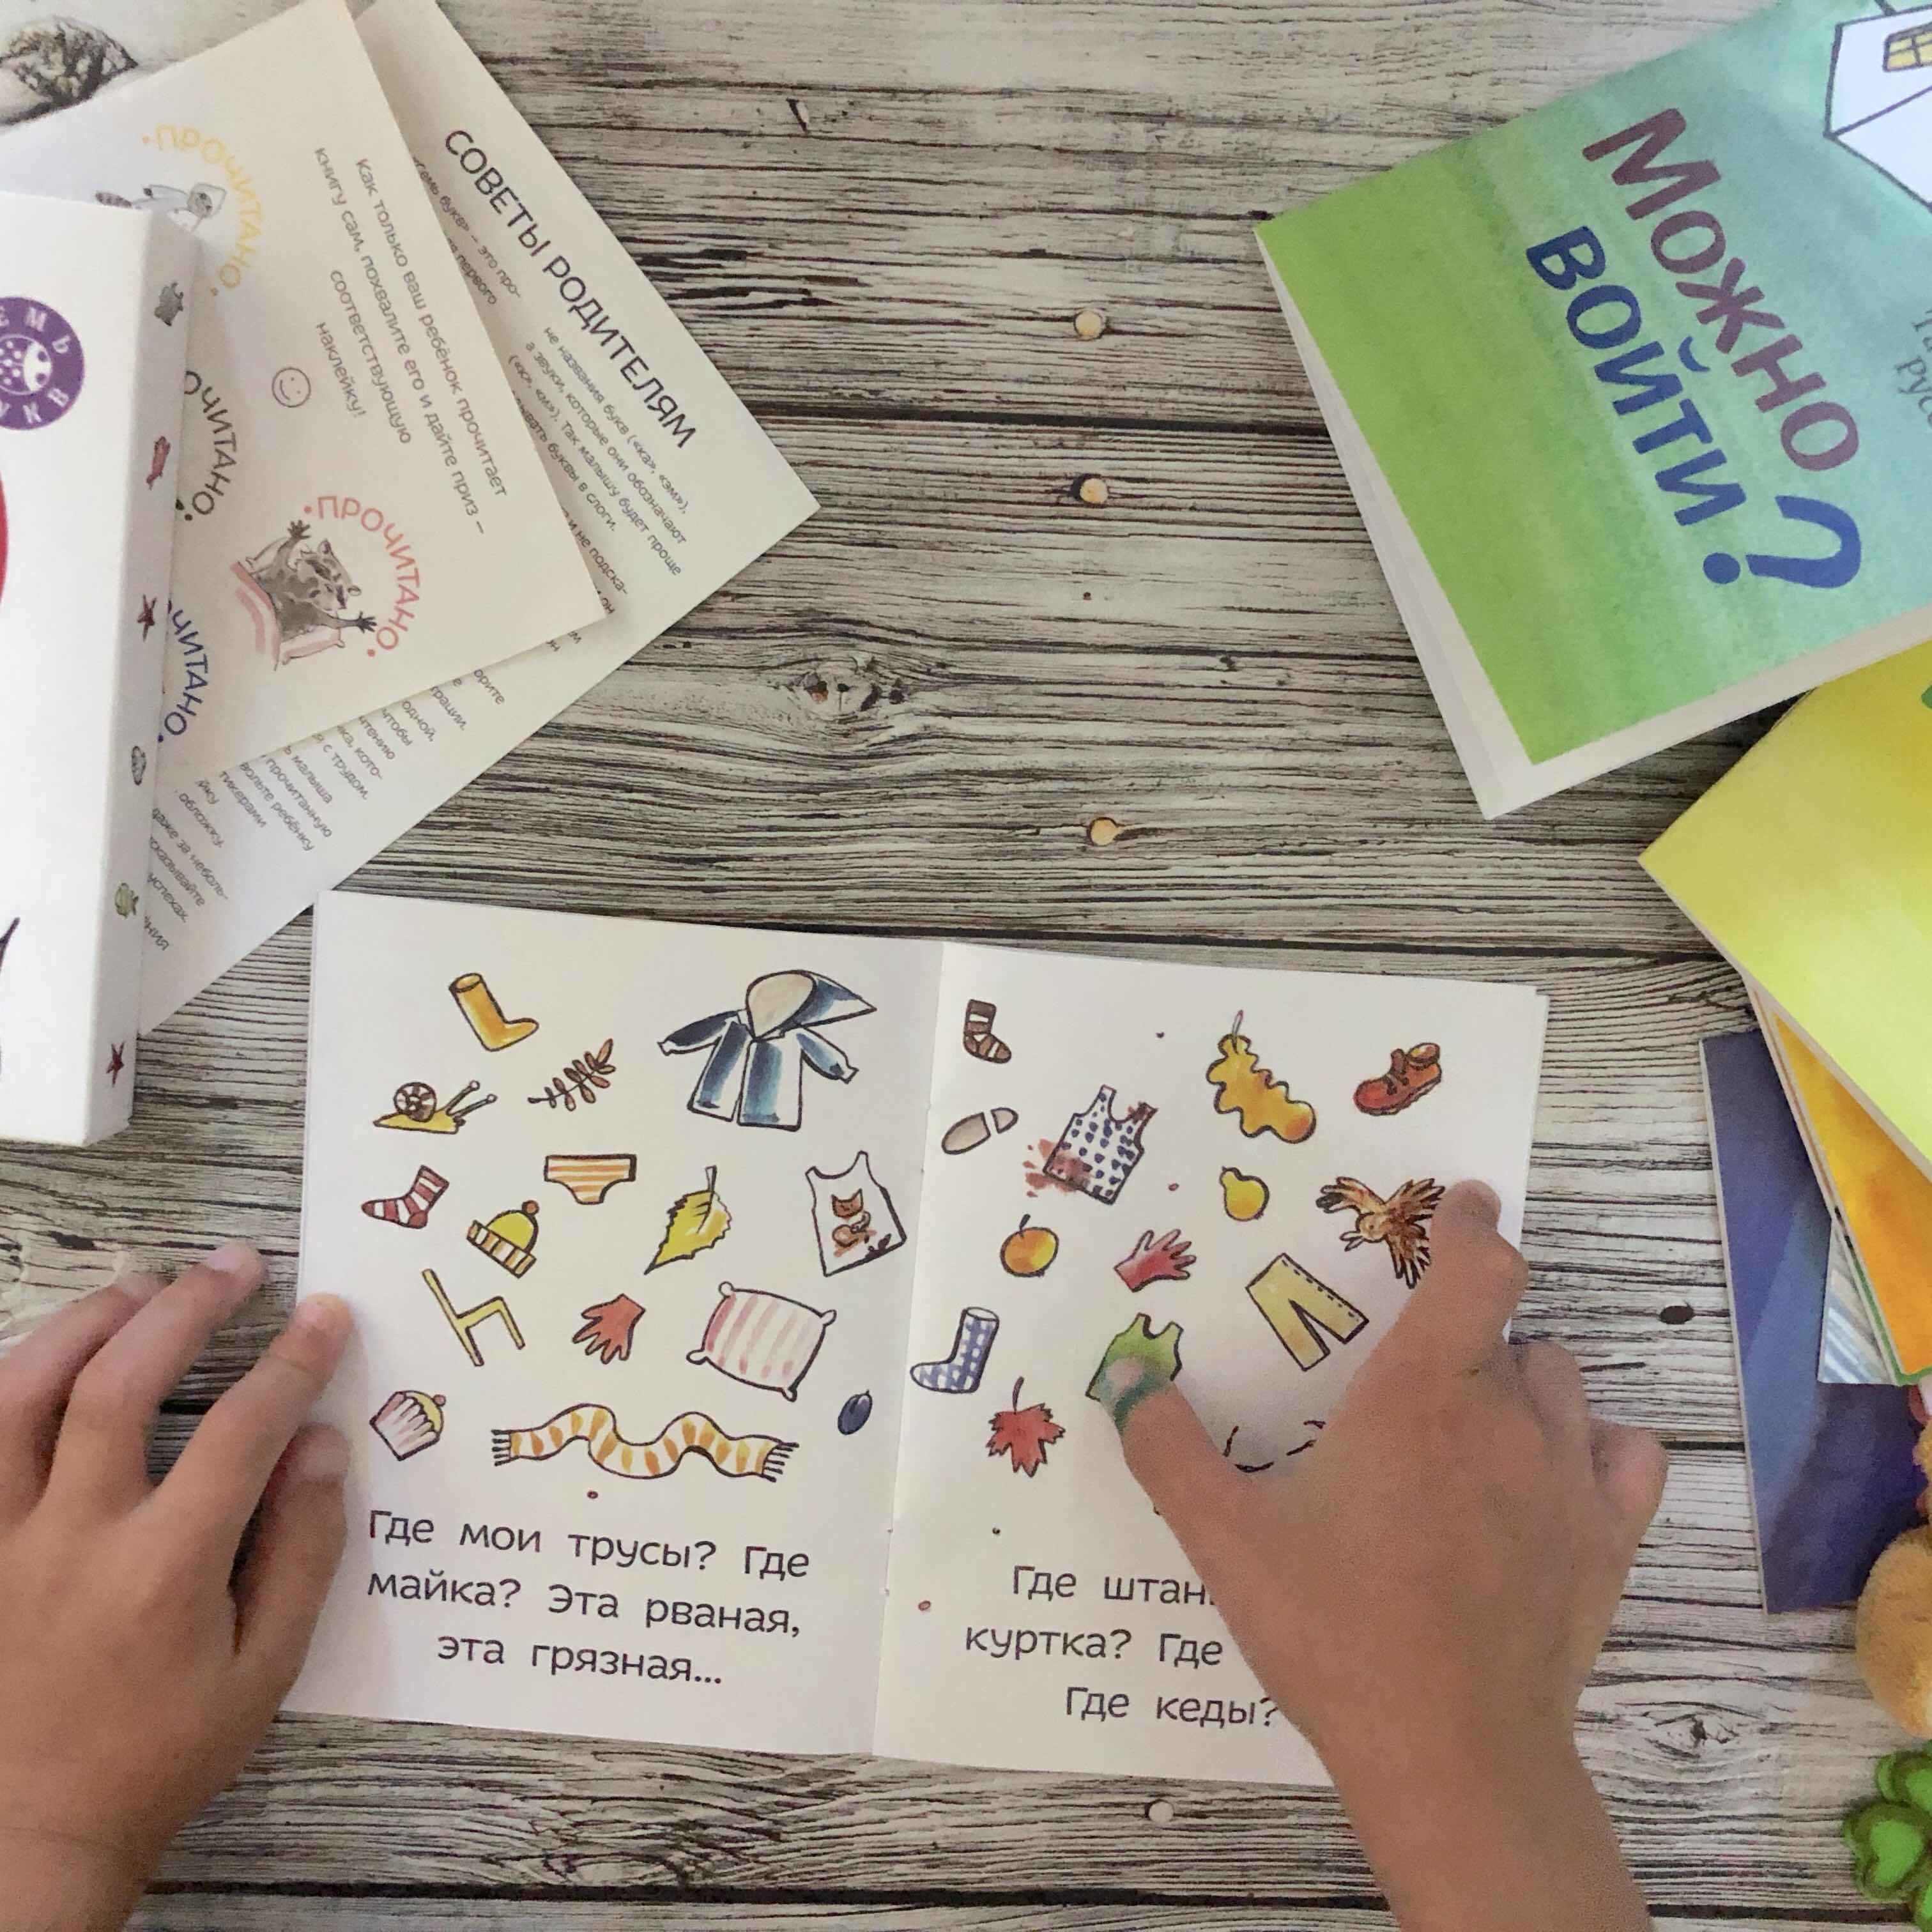 От азбуки к книжкам. Идеальные книжки для первого Самостоятельного чтения 7